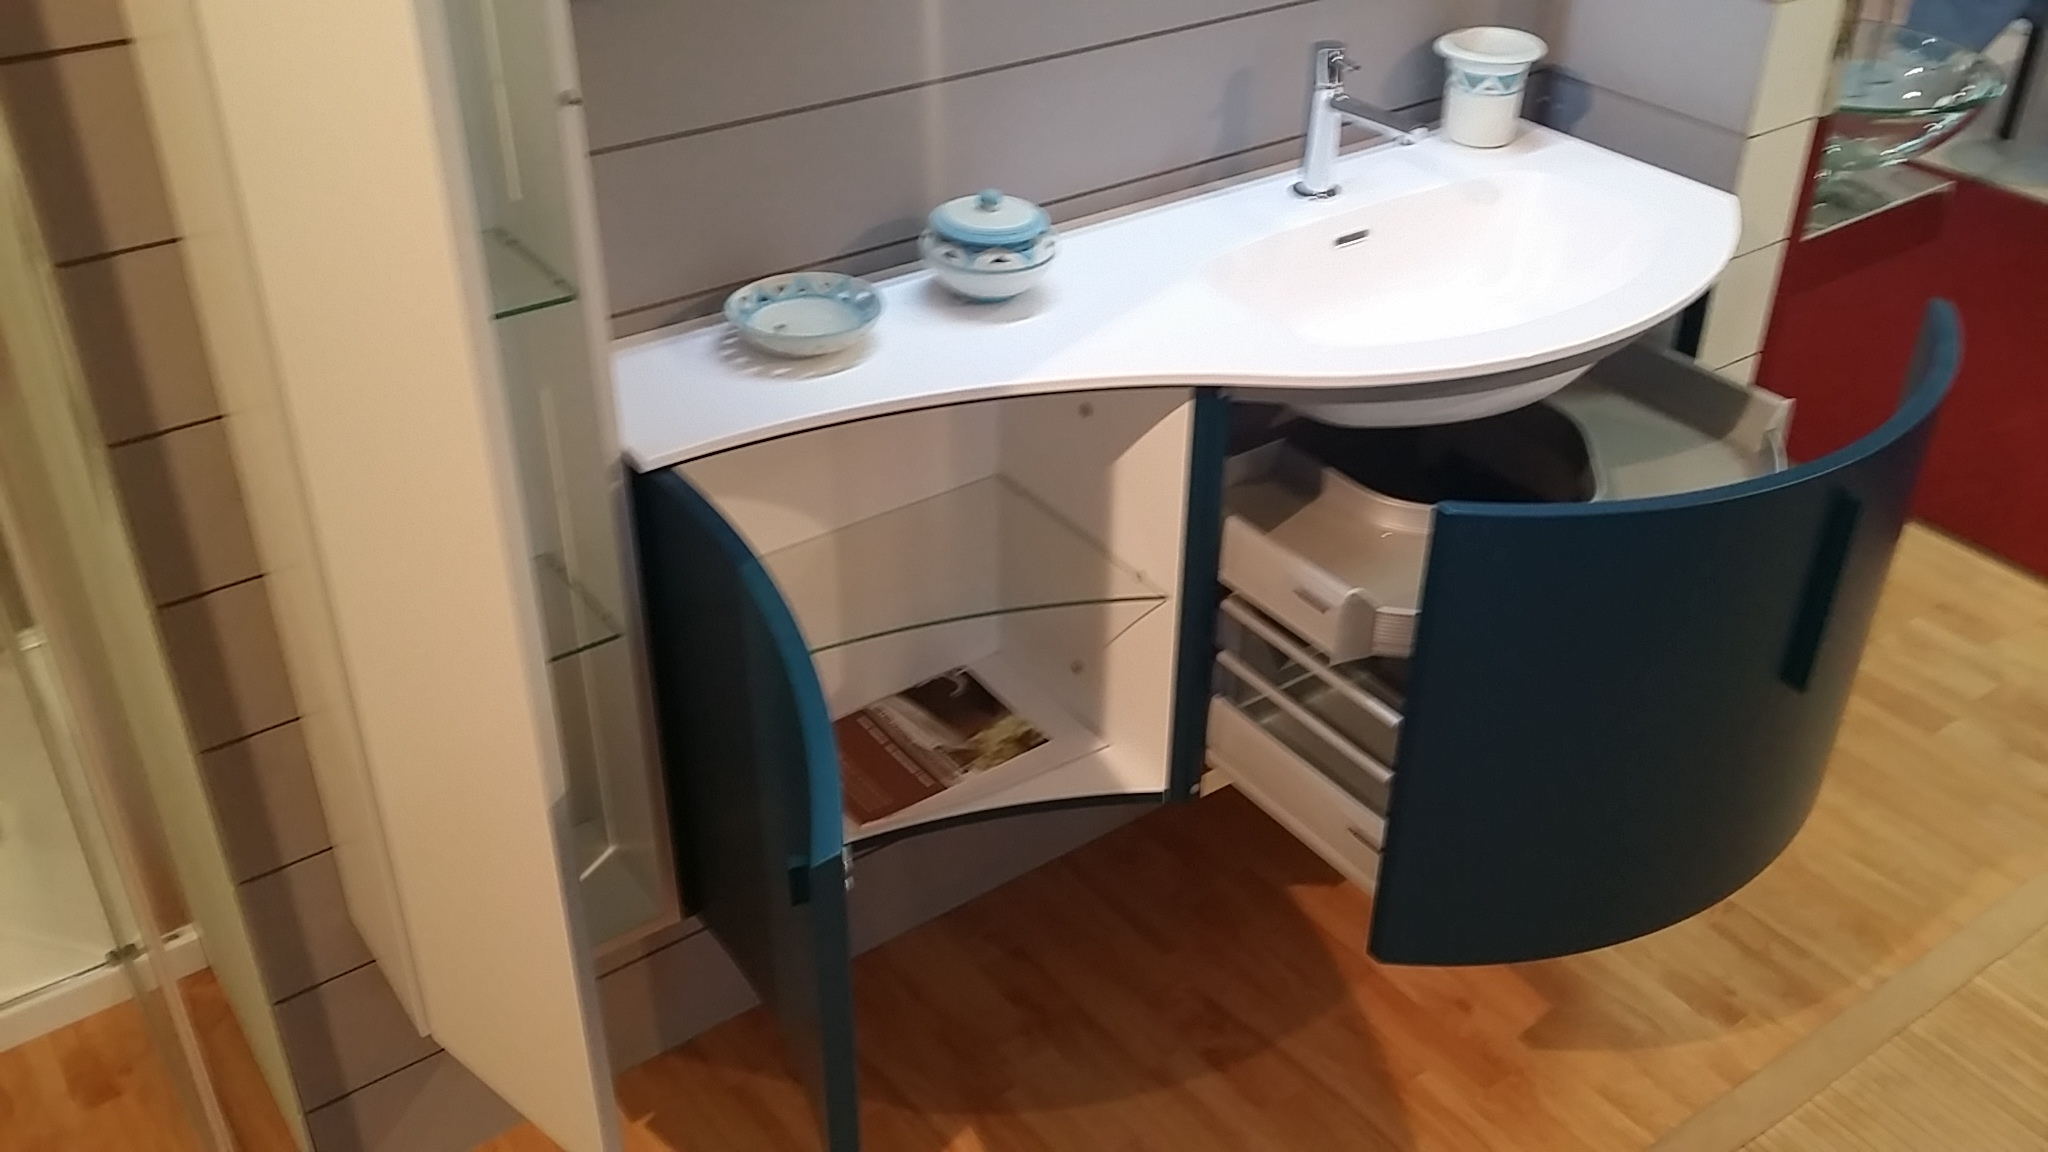 Azzurra bagni ducale classico legno a terra arredo bagno a prezzi scontati mobile bagno - Azzurra arredo bagno ...